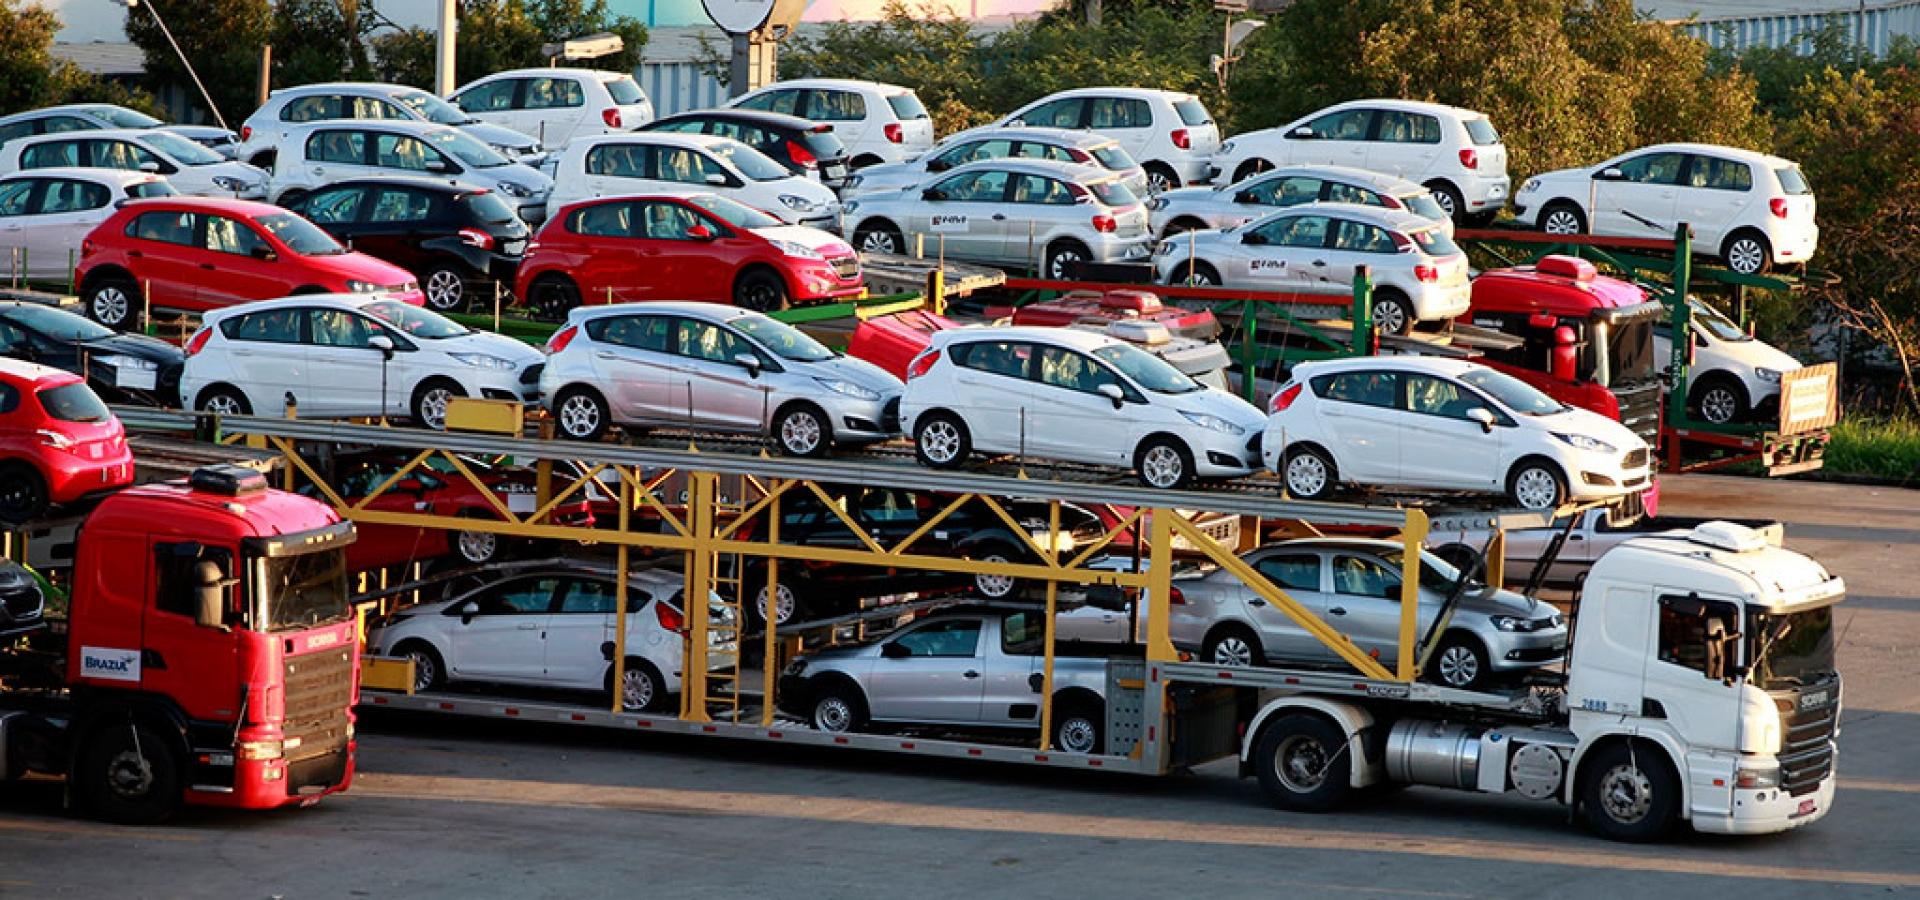 Хотели дешевых машин? Ну, получайте